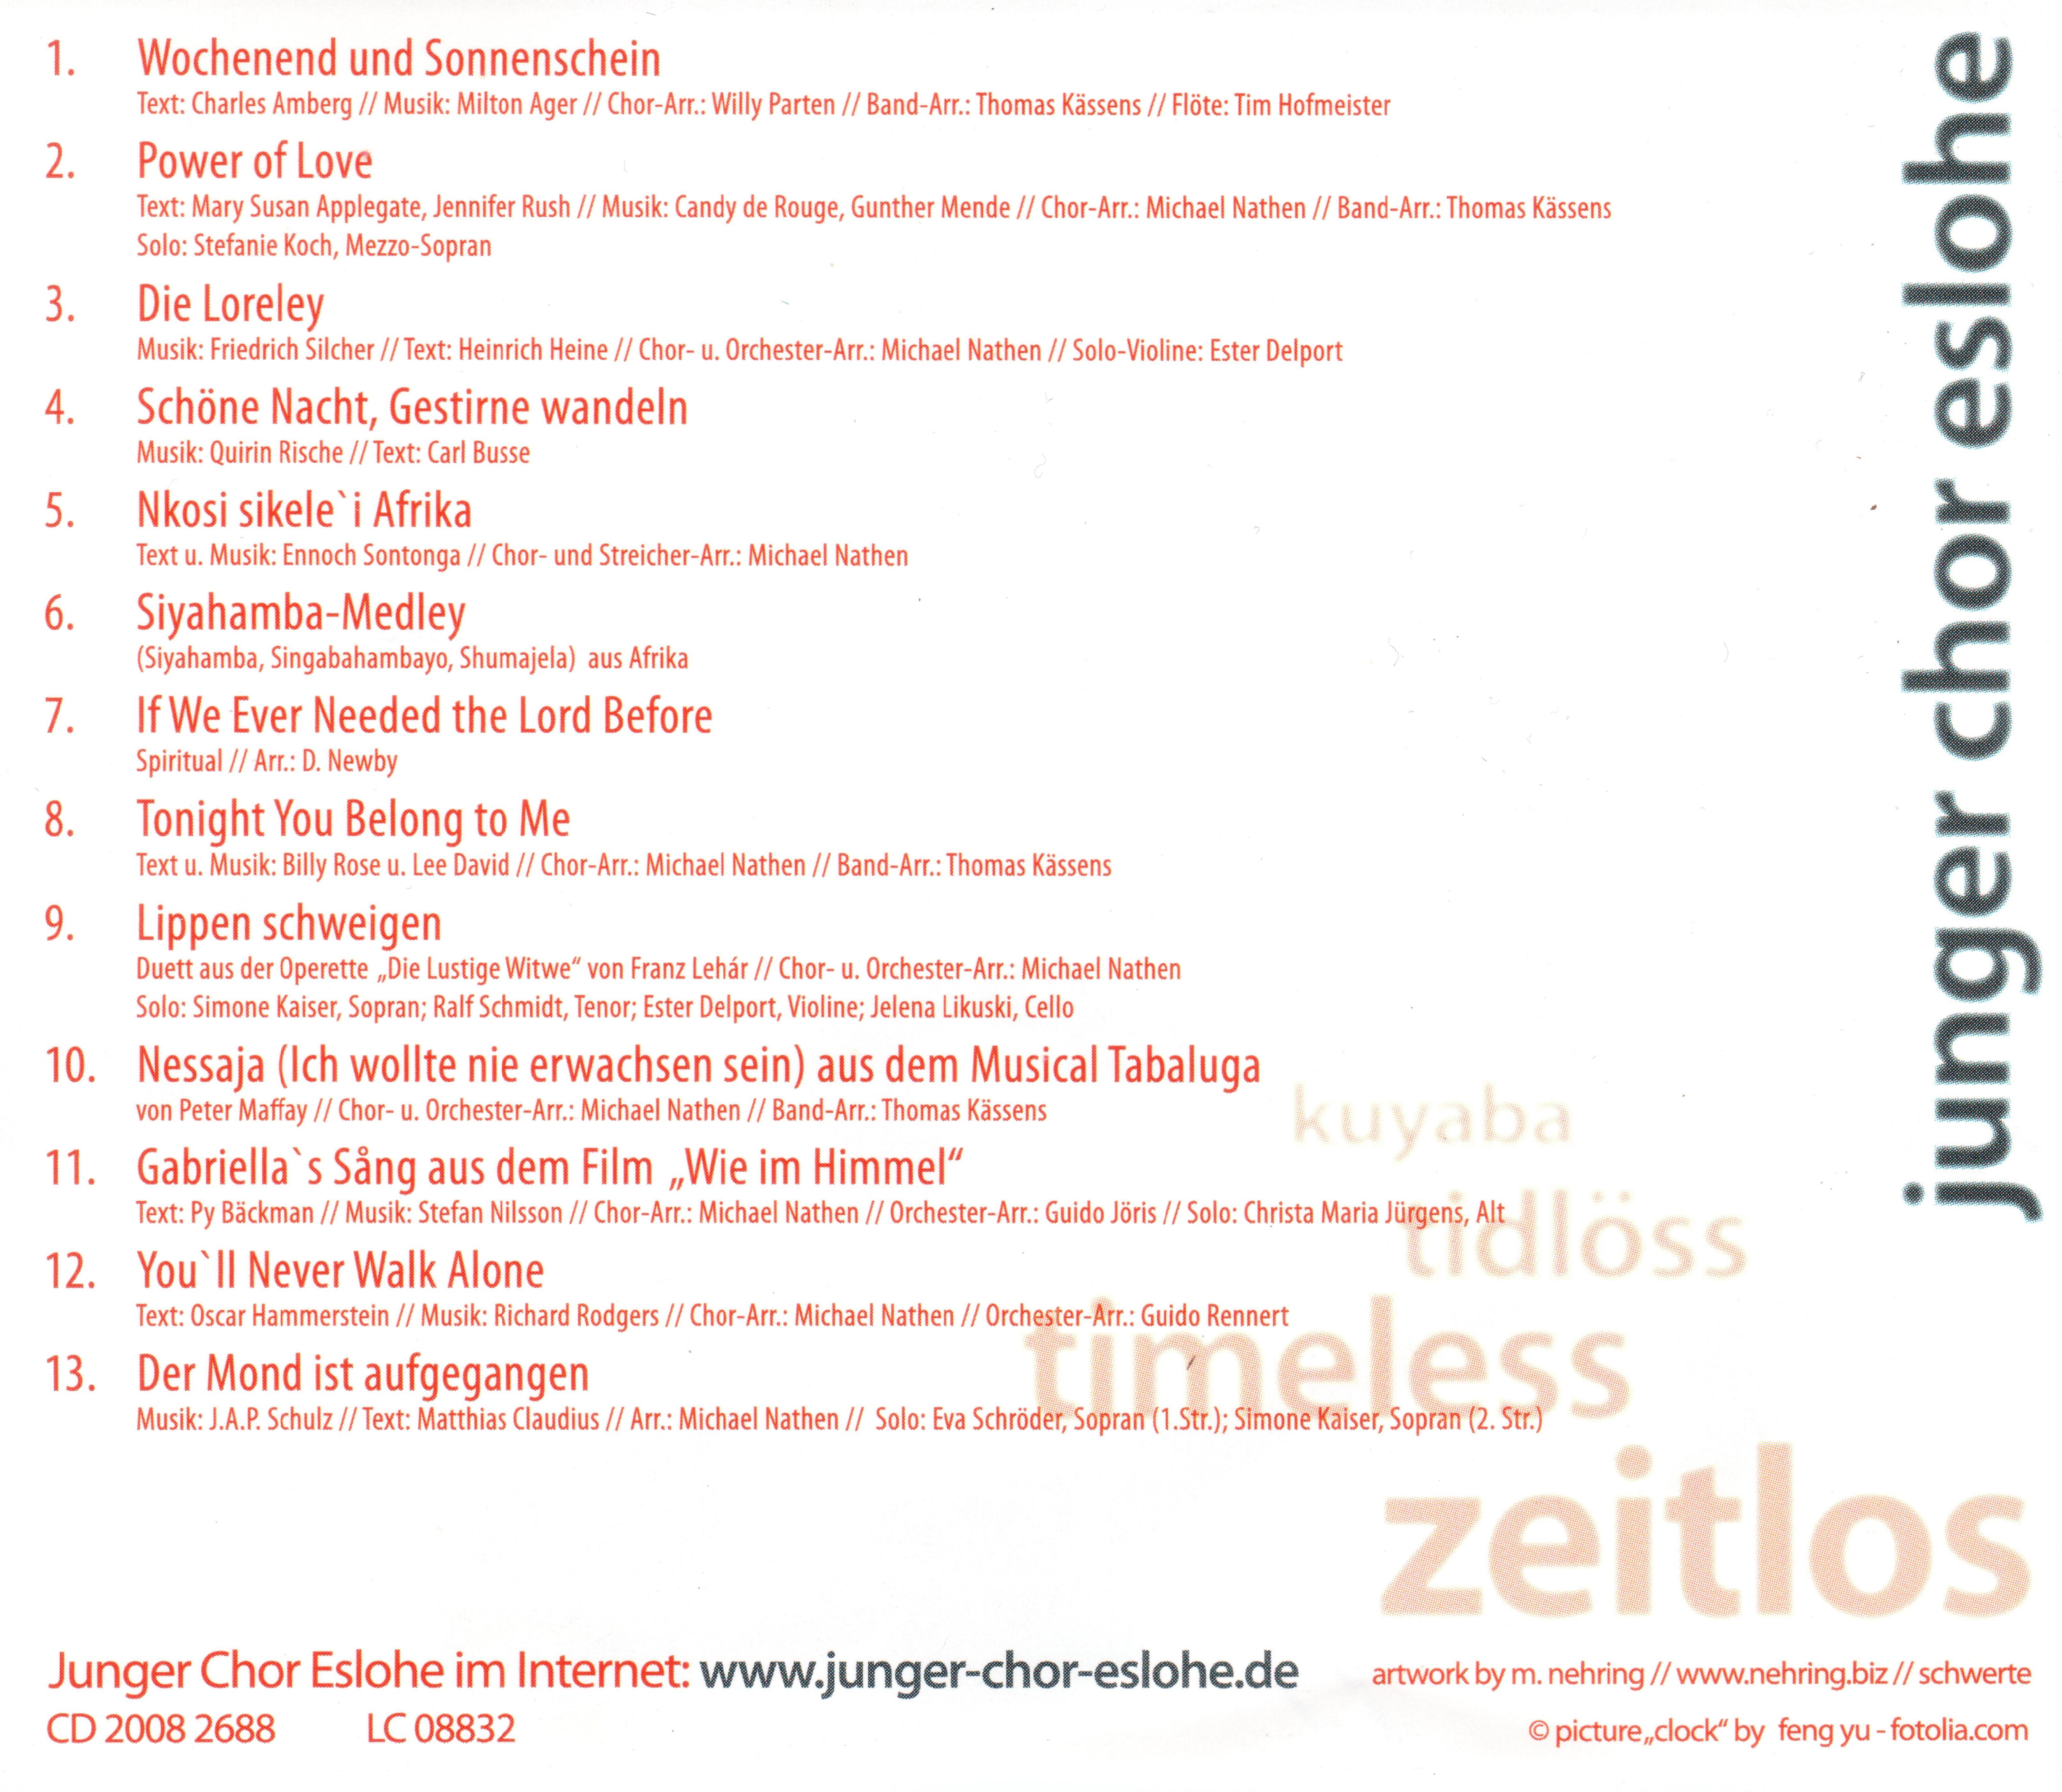 Timeless - Musik des Jungen Chor Eslohe